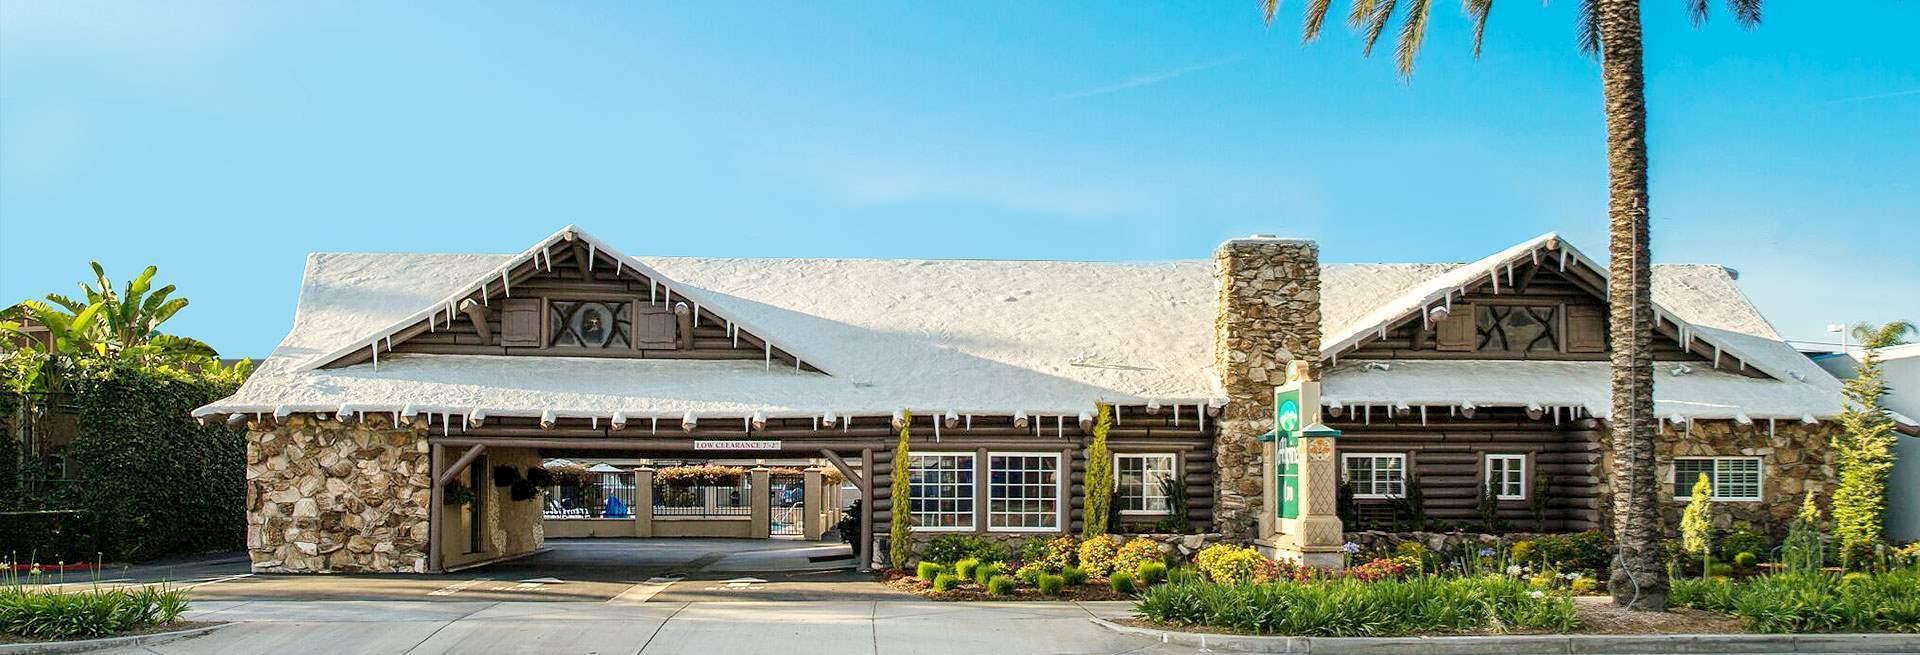 Alpine Inn Anaheim, California